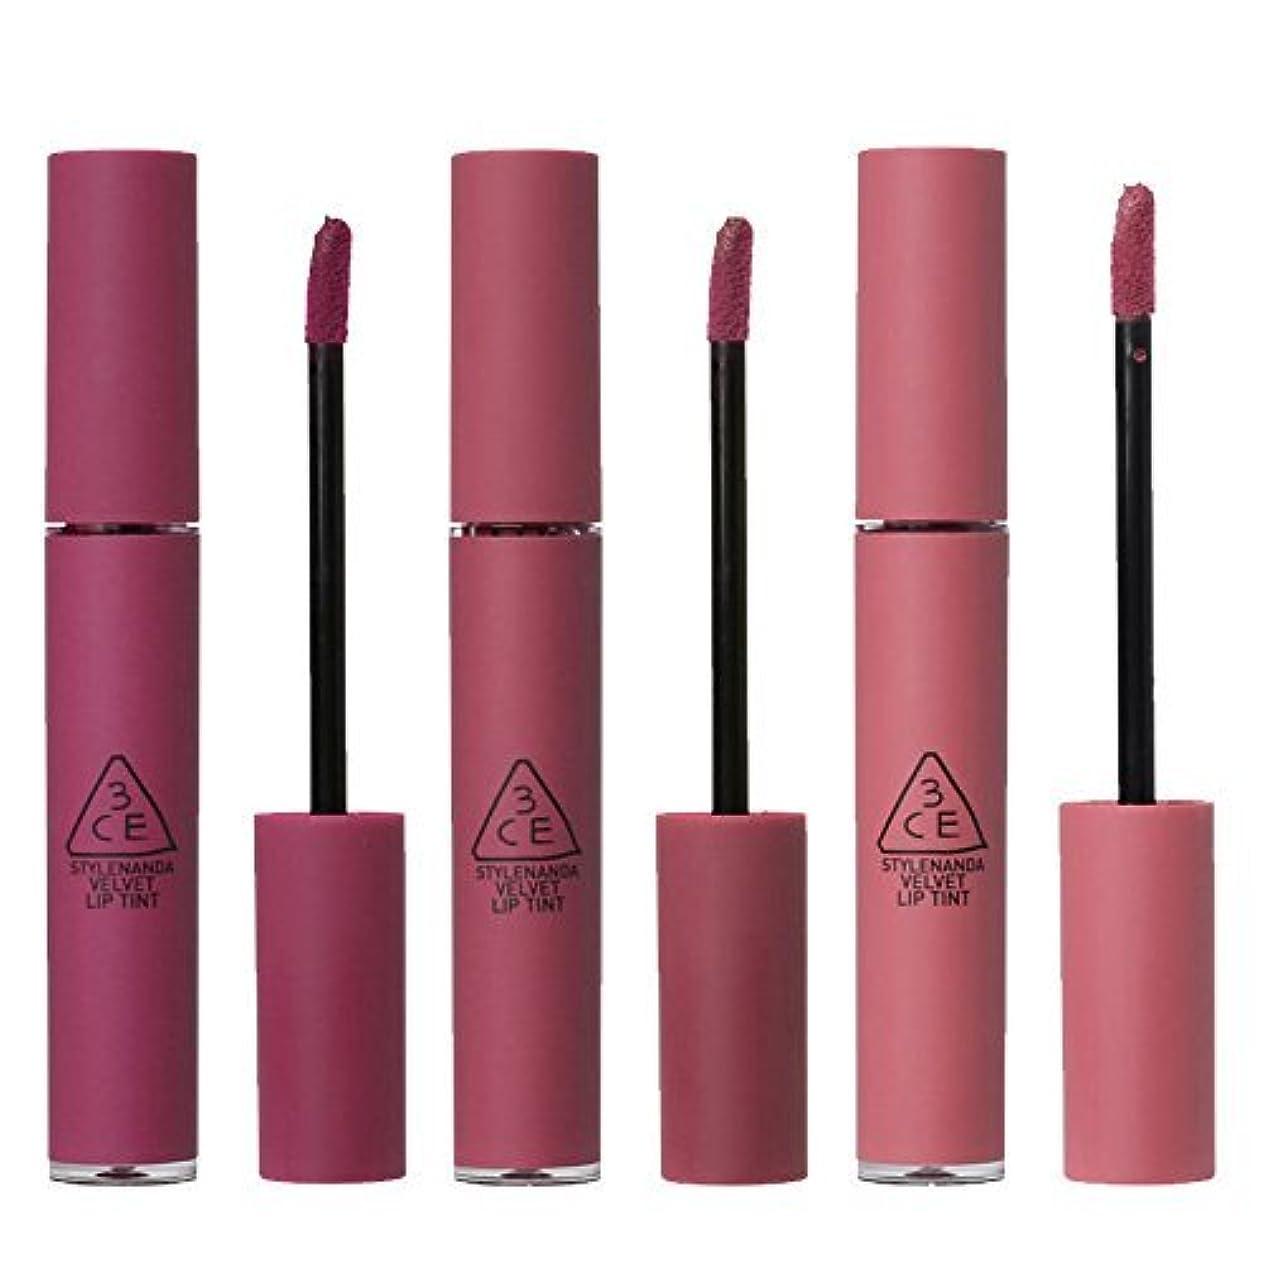 魅惑的な暴徒ペインギリック[3ce] ベルベットリップティント 新カラー 海外直送品 Velvet Lip Tint (Know better) [並行輸入品]